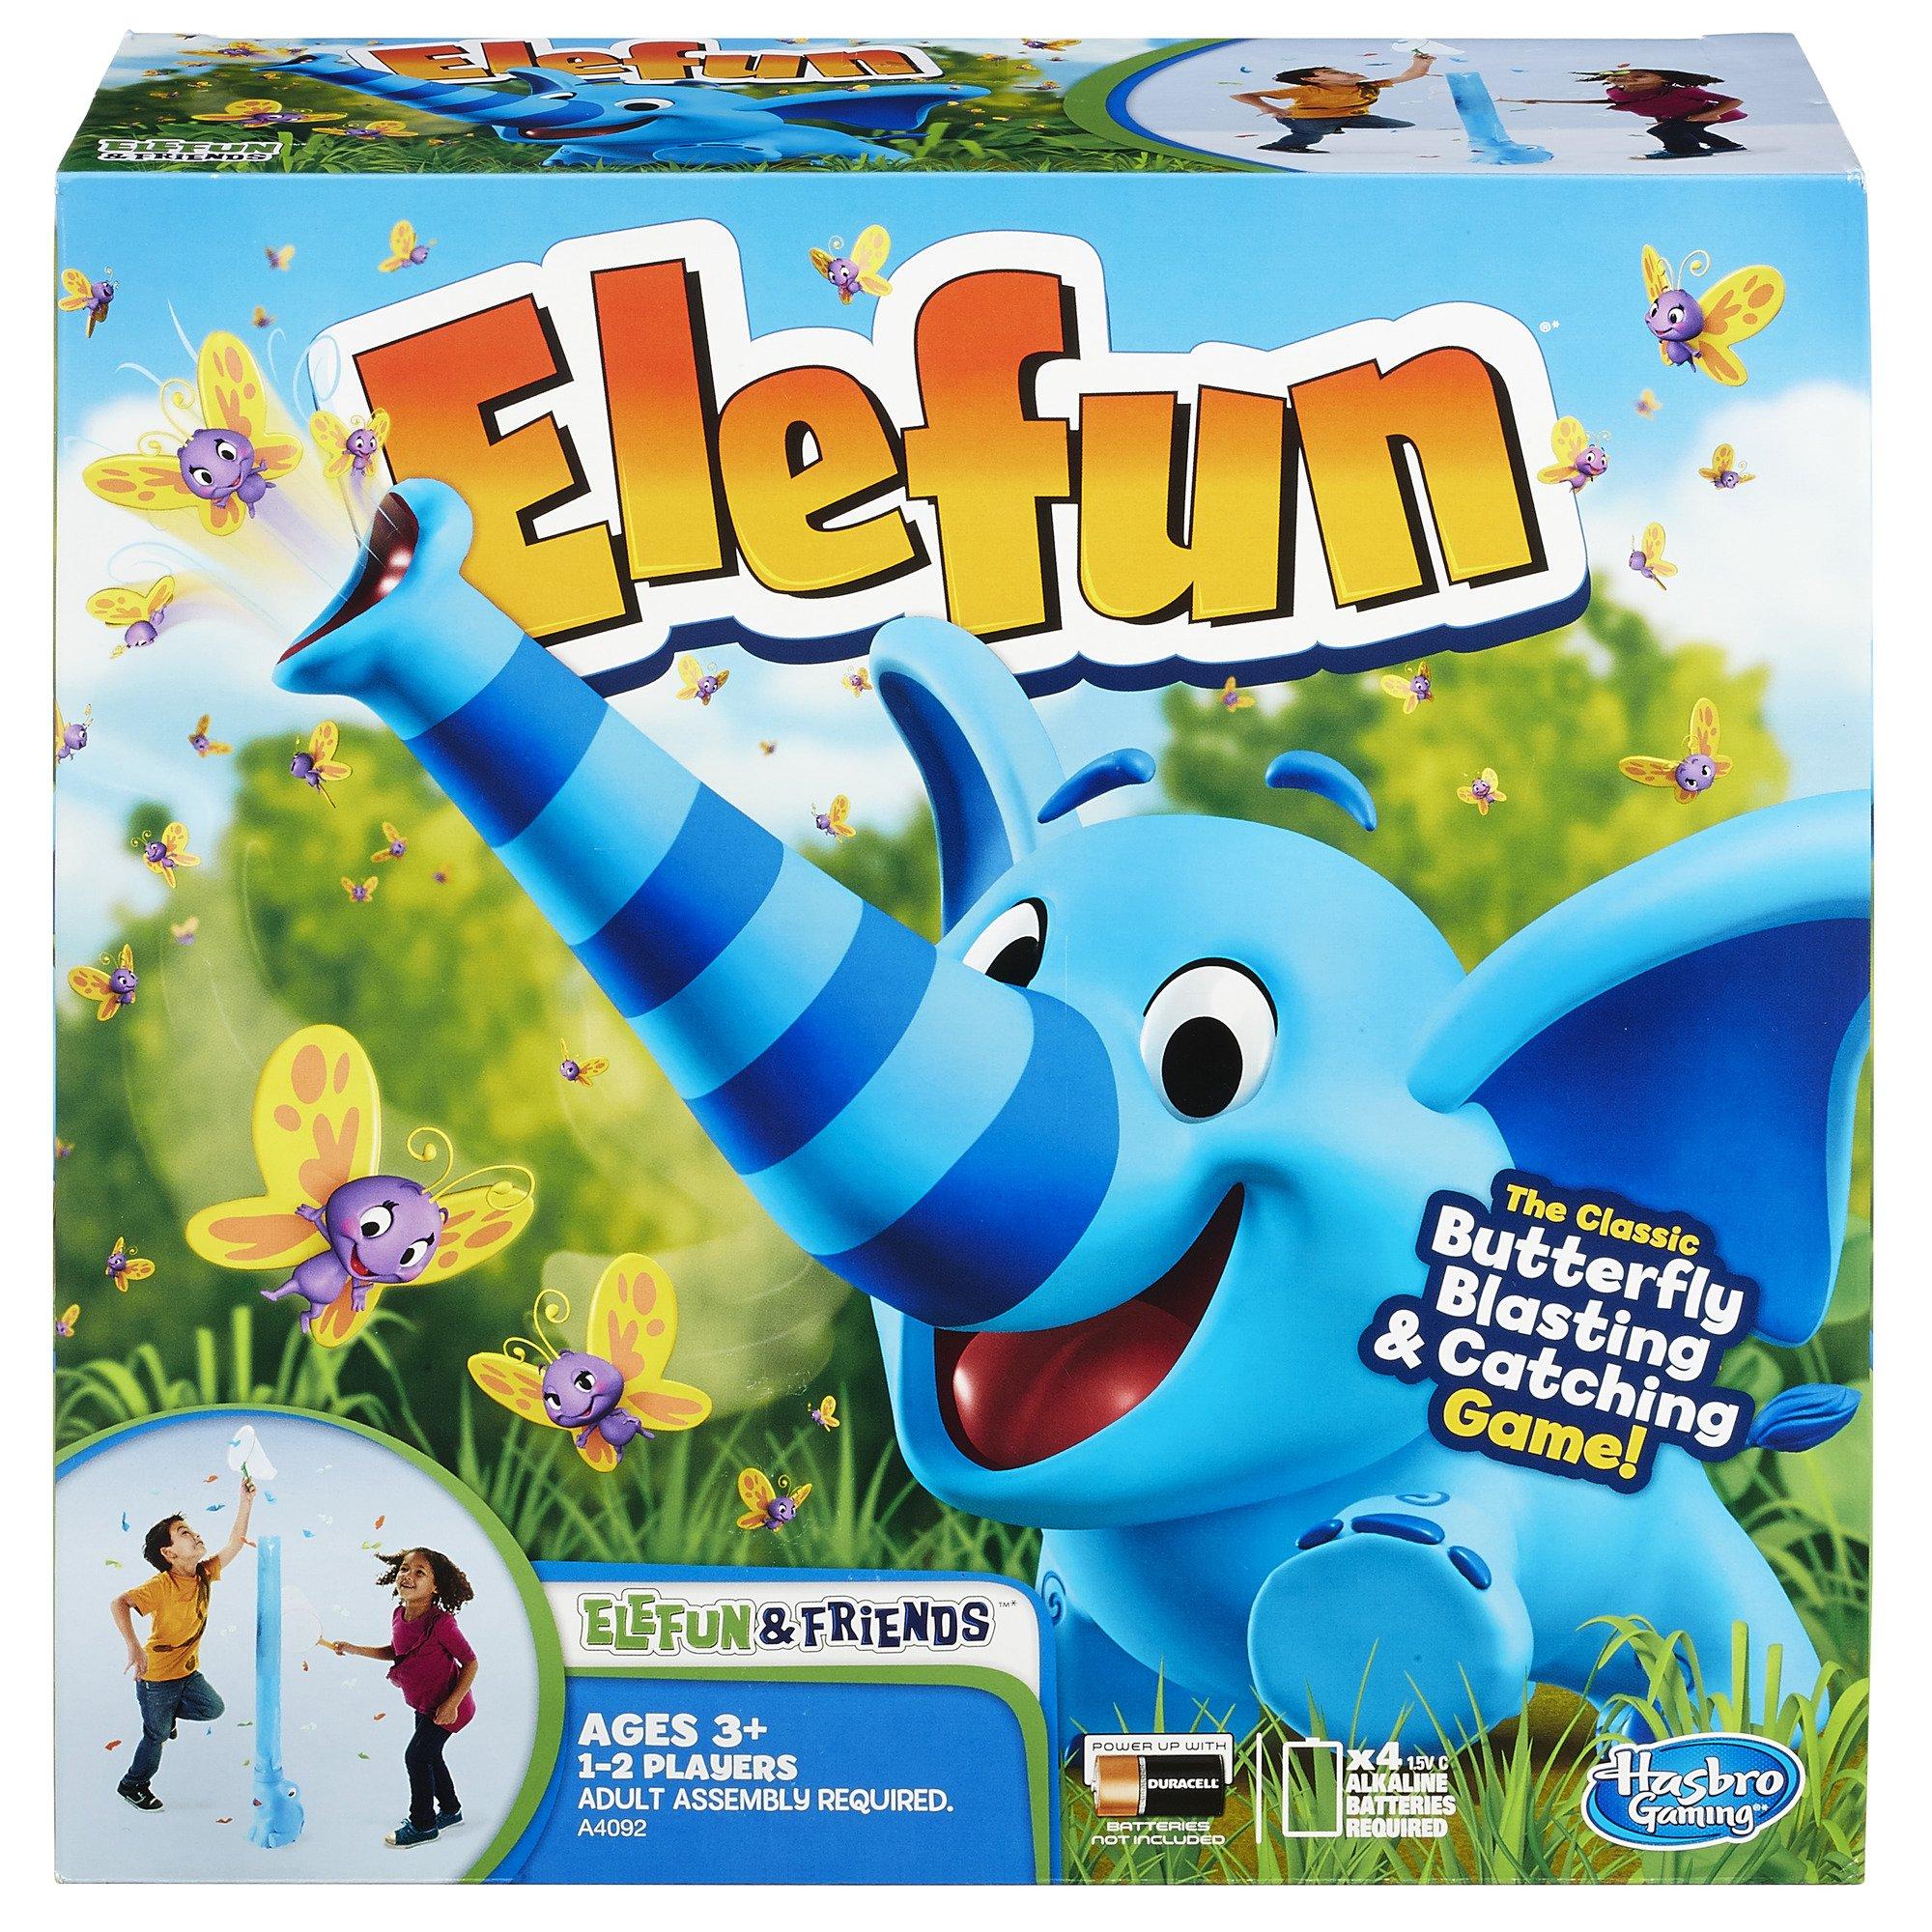 Hasbro Elefun and Friends Elefun Game by Hasbro (Image #1)